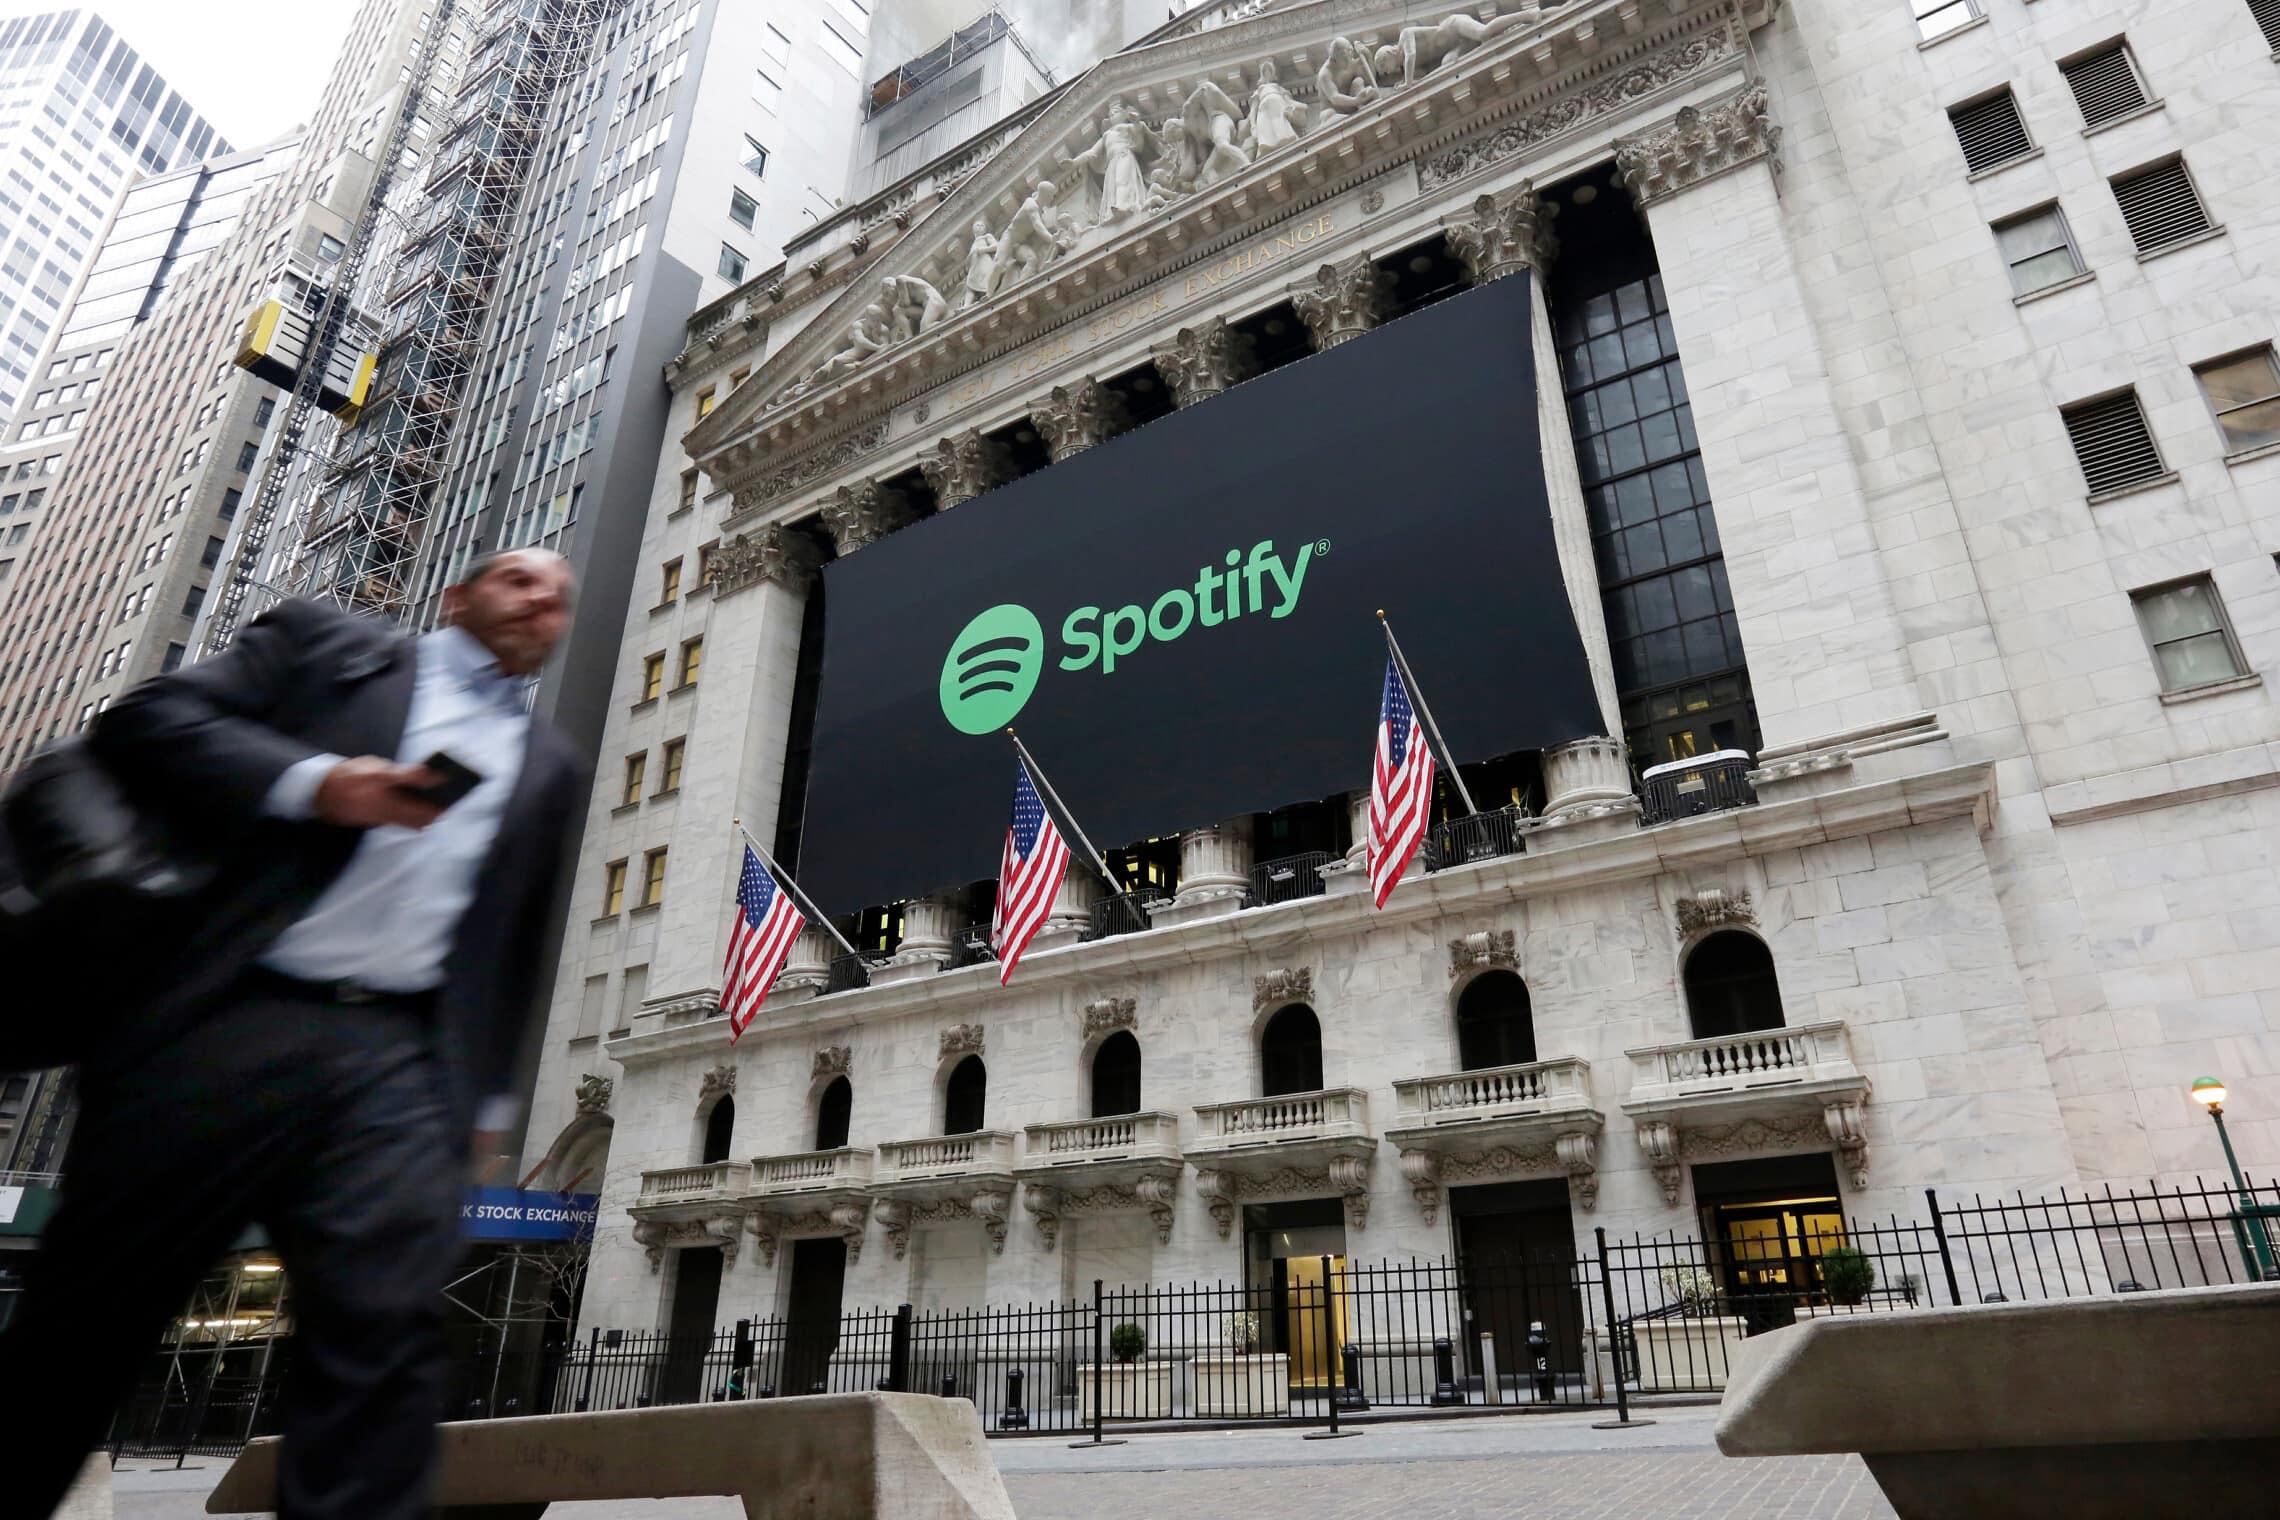 באנר של ספוטיפיי על בניין הבורסה בניו יורק, אפריל 2018 (צילום: AP Photo/Richard Drew)